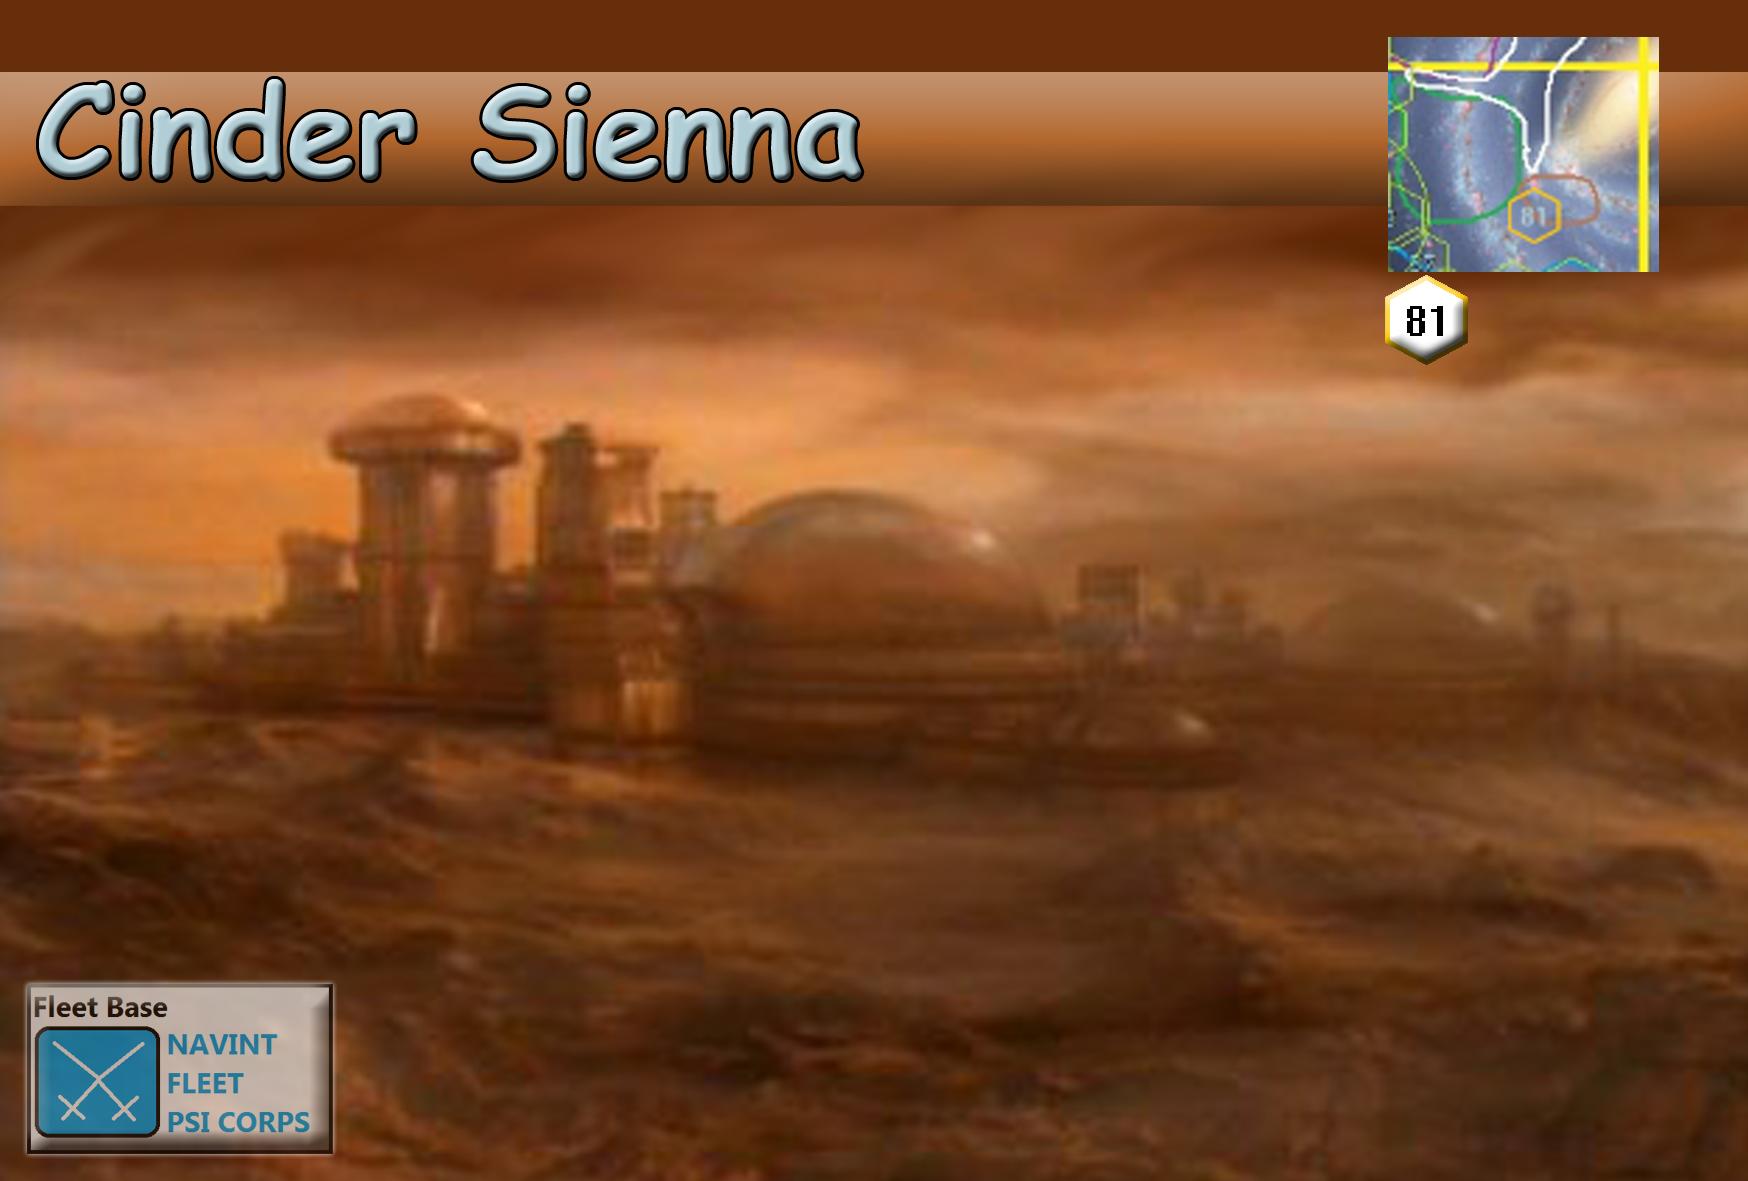 Cinder Sienna